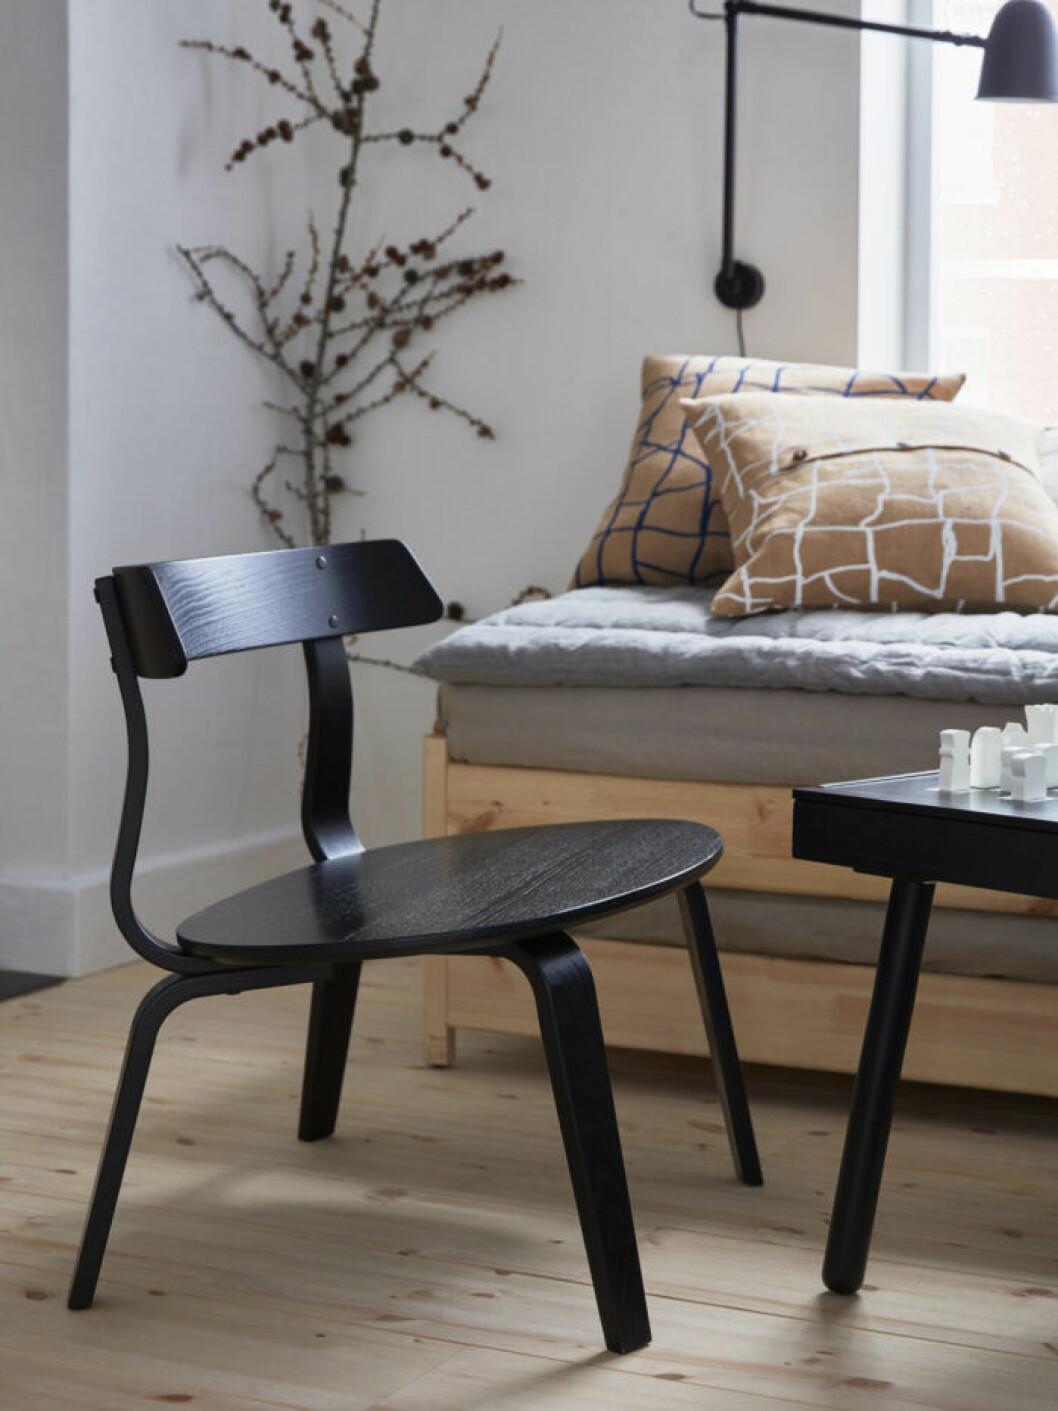 Fåtölj i svart trä från Ikea julen 2019